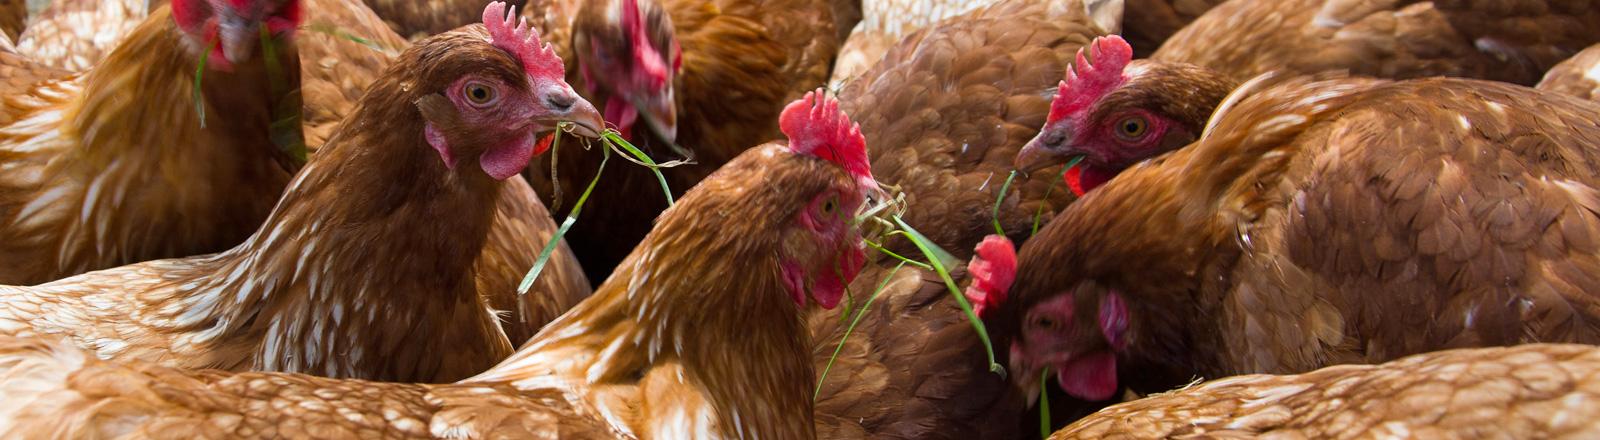 Viele braune Hühner stehen beisammen. Sie fressen Gras.